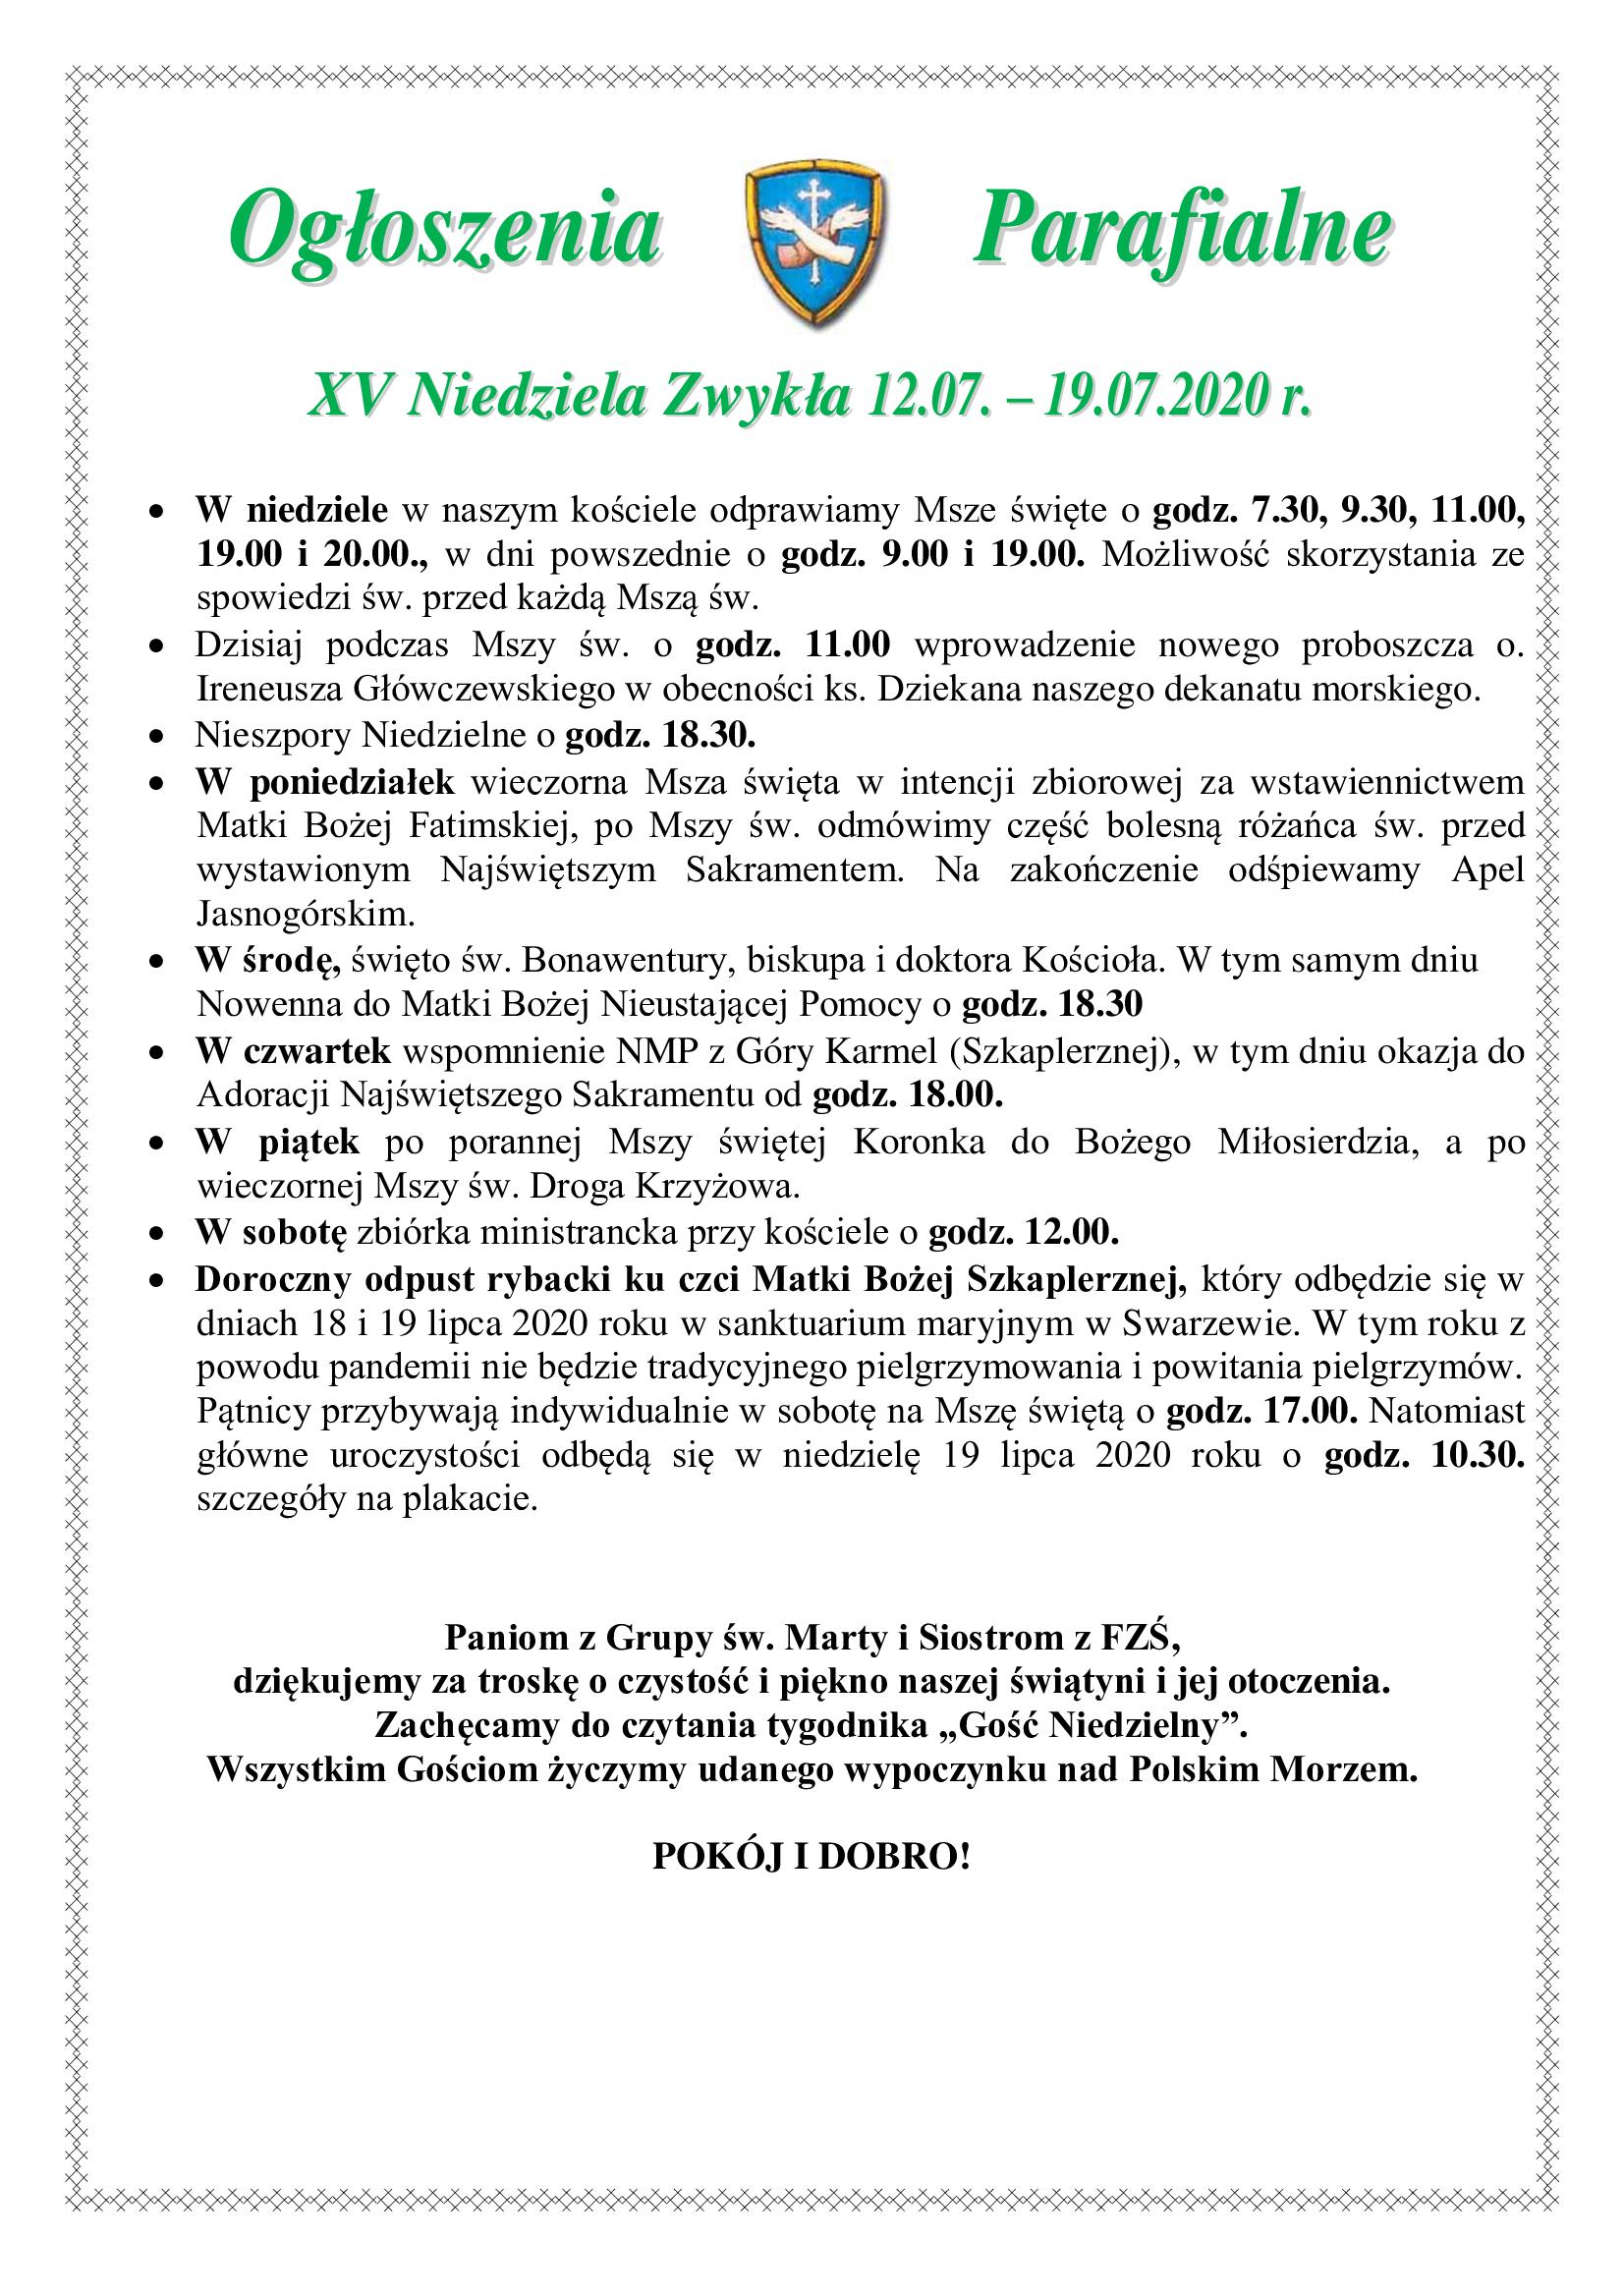 xv-niedziela-zwykla-12-07-19-07-2020-r